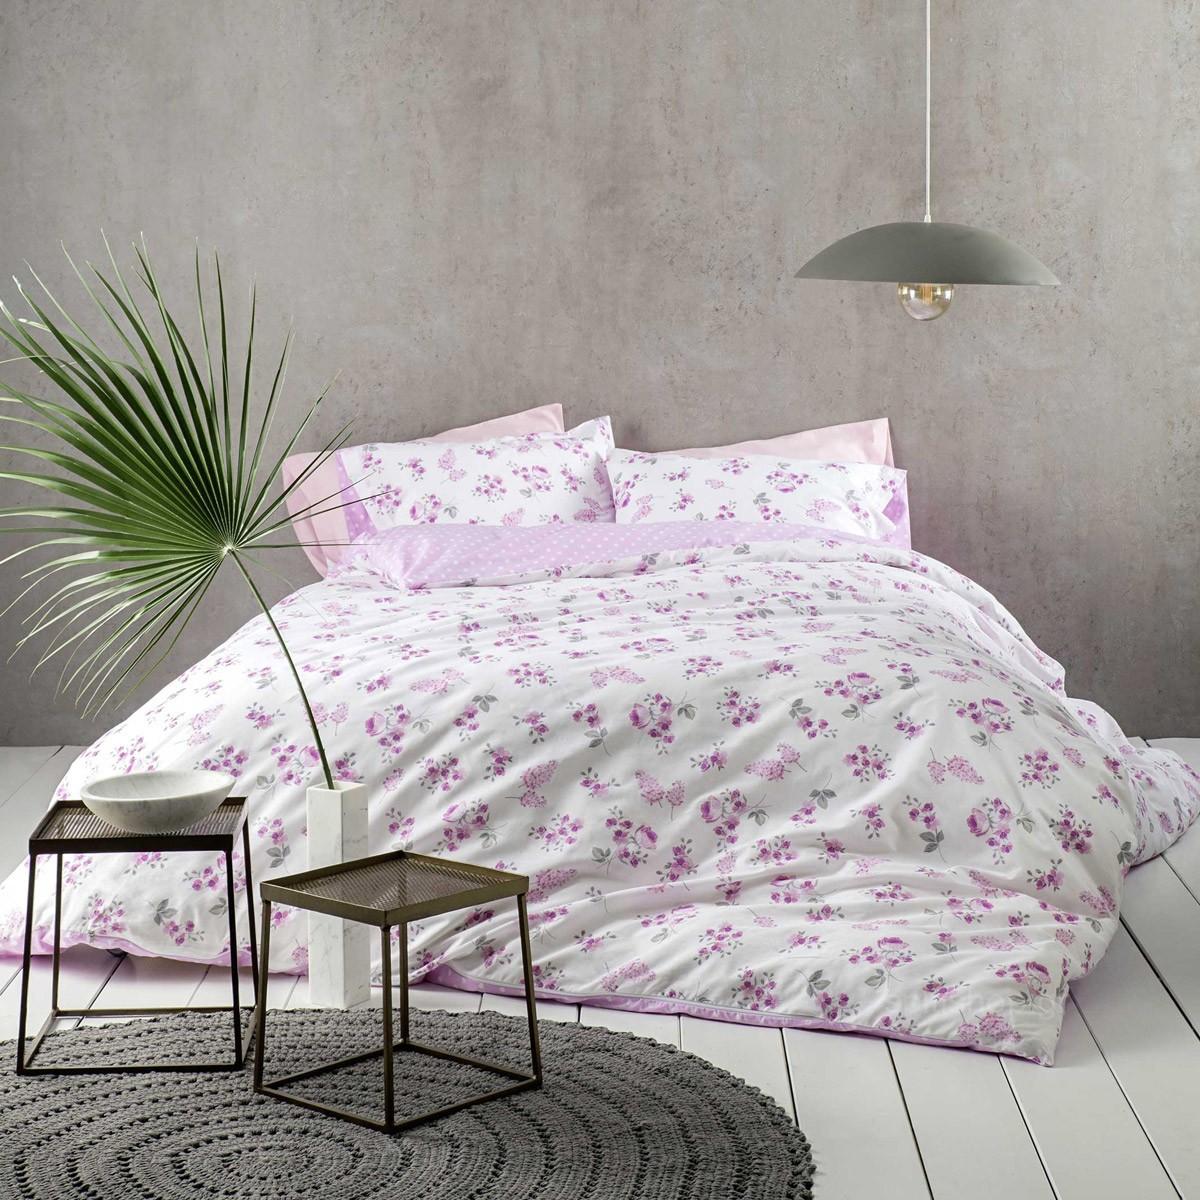 Σεντόνια Μονά (Σετ) Nima Bed Linen Alyssa Pink ΧΩΡΙΣ ΛΑΣΤΙΧΟ ΧΩΡΙΣ ΛΑΣΤΙΧΟ 89132